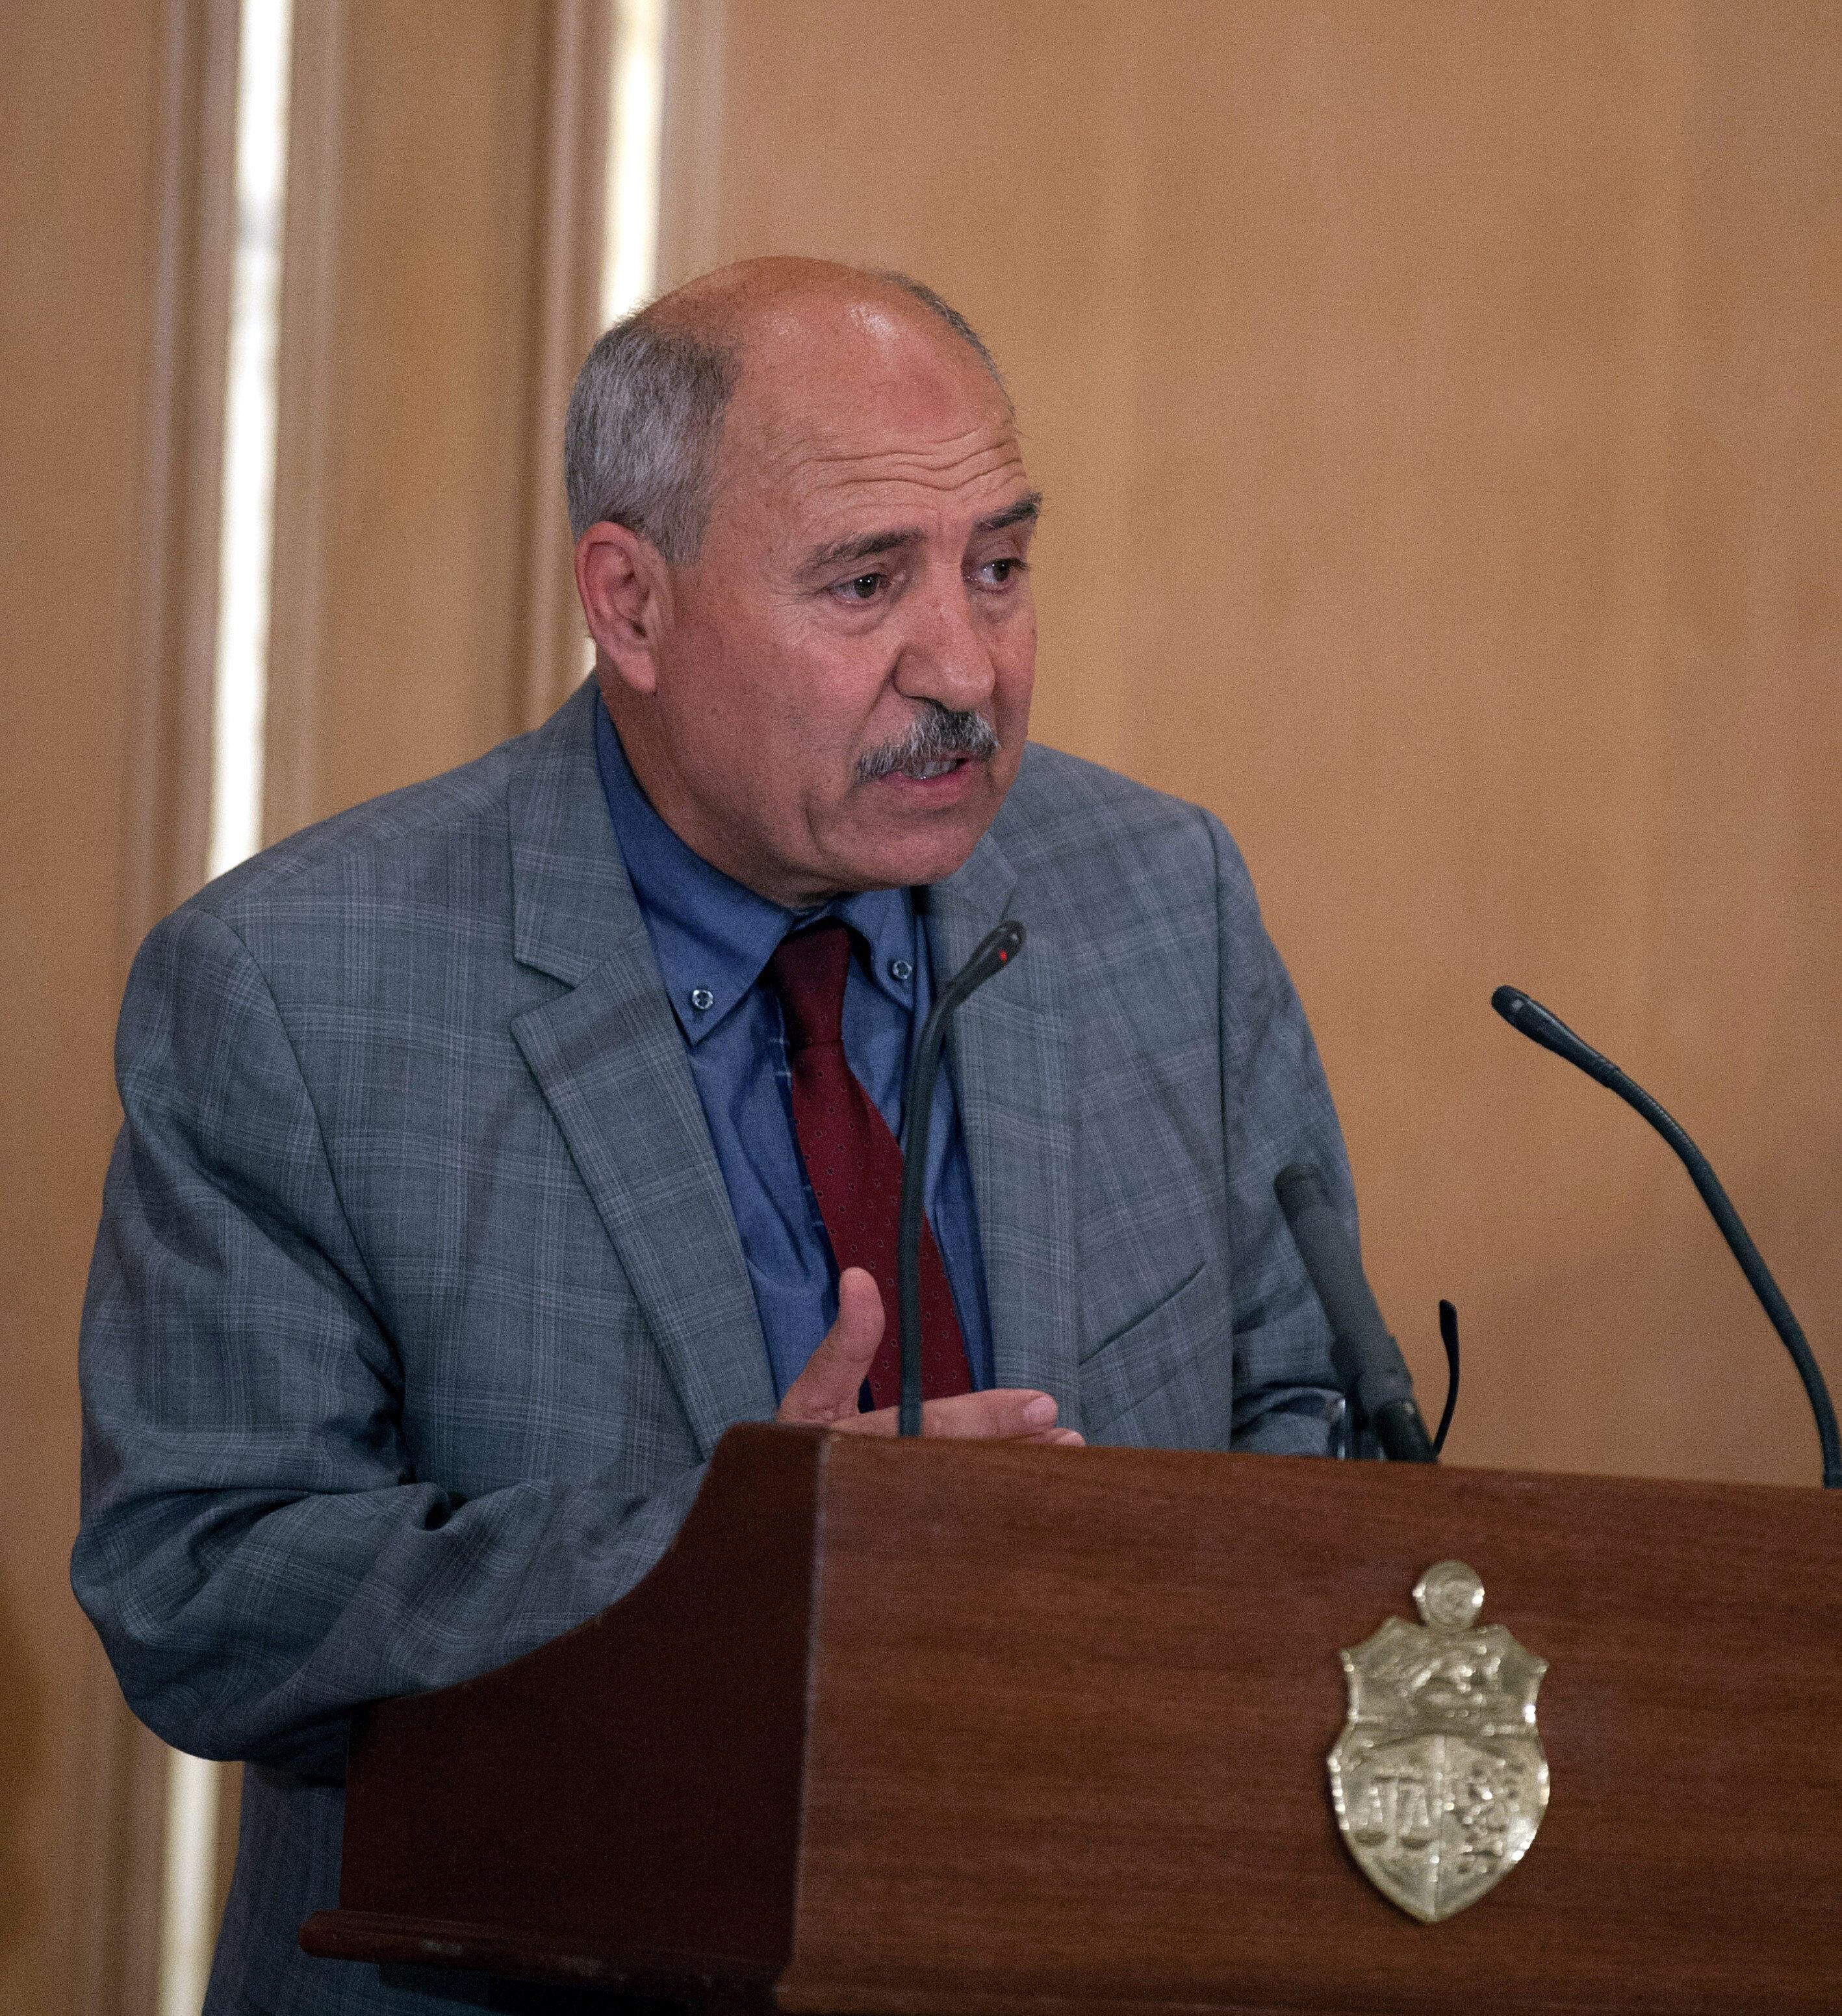 Le président de la HAICA se défend de toute intervention politique dans l'affaire